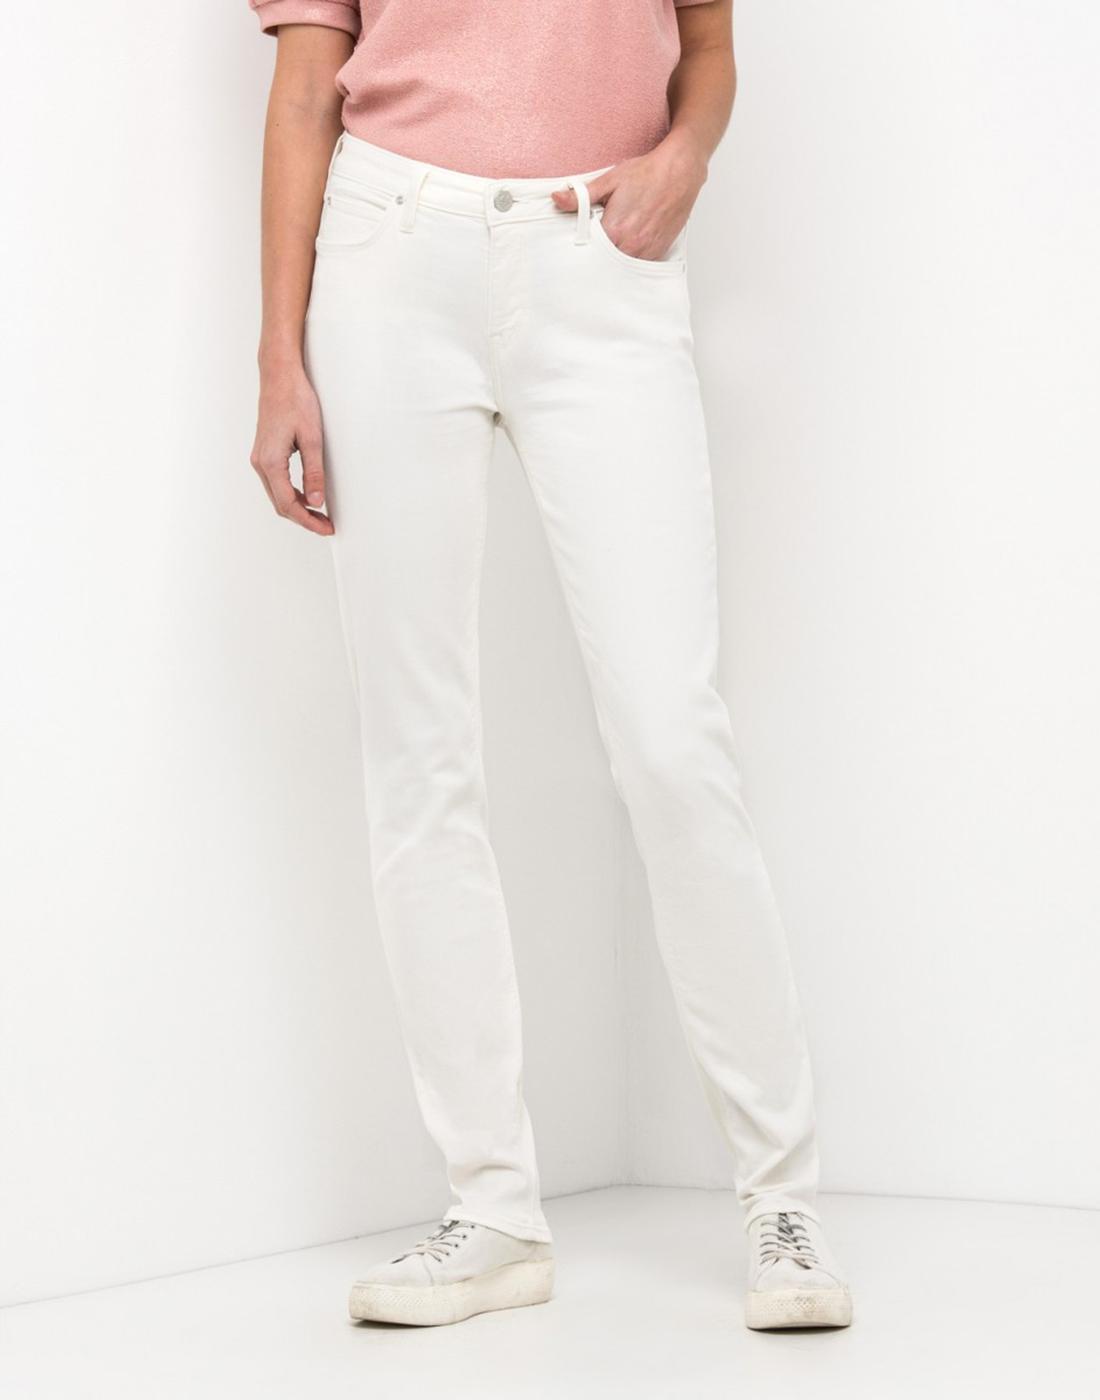 Elly LEE JEANS Womens Retro Mod Slim Jeans in Ecru